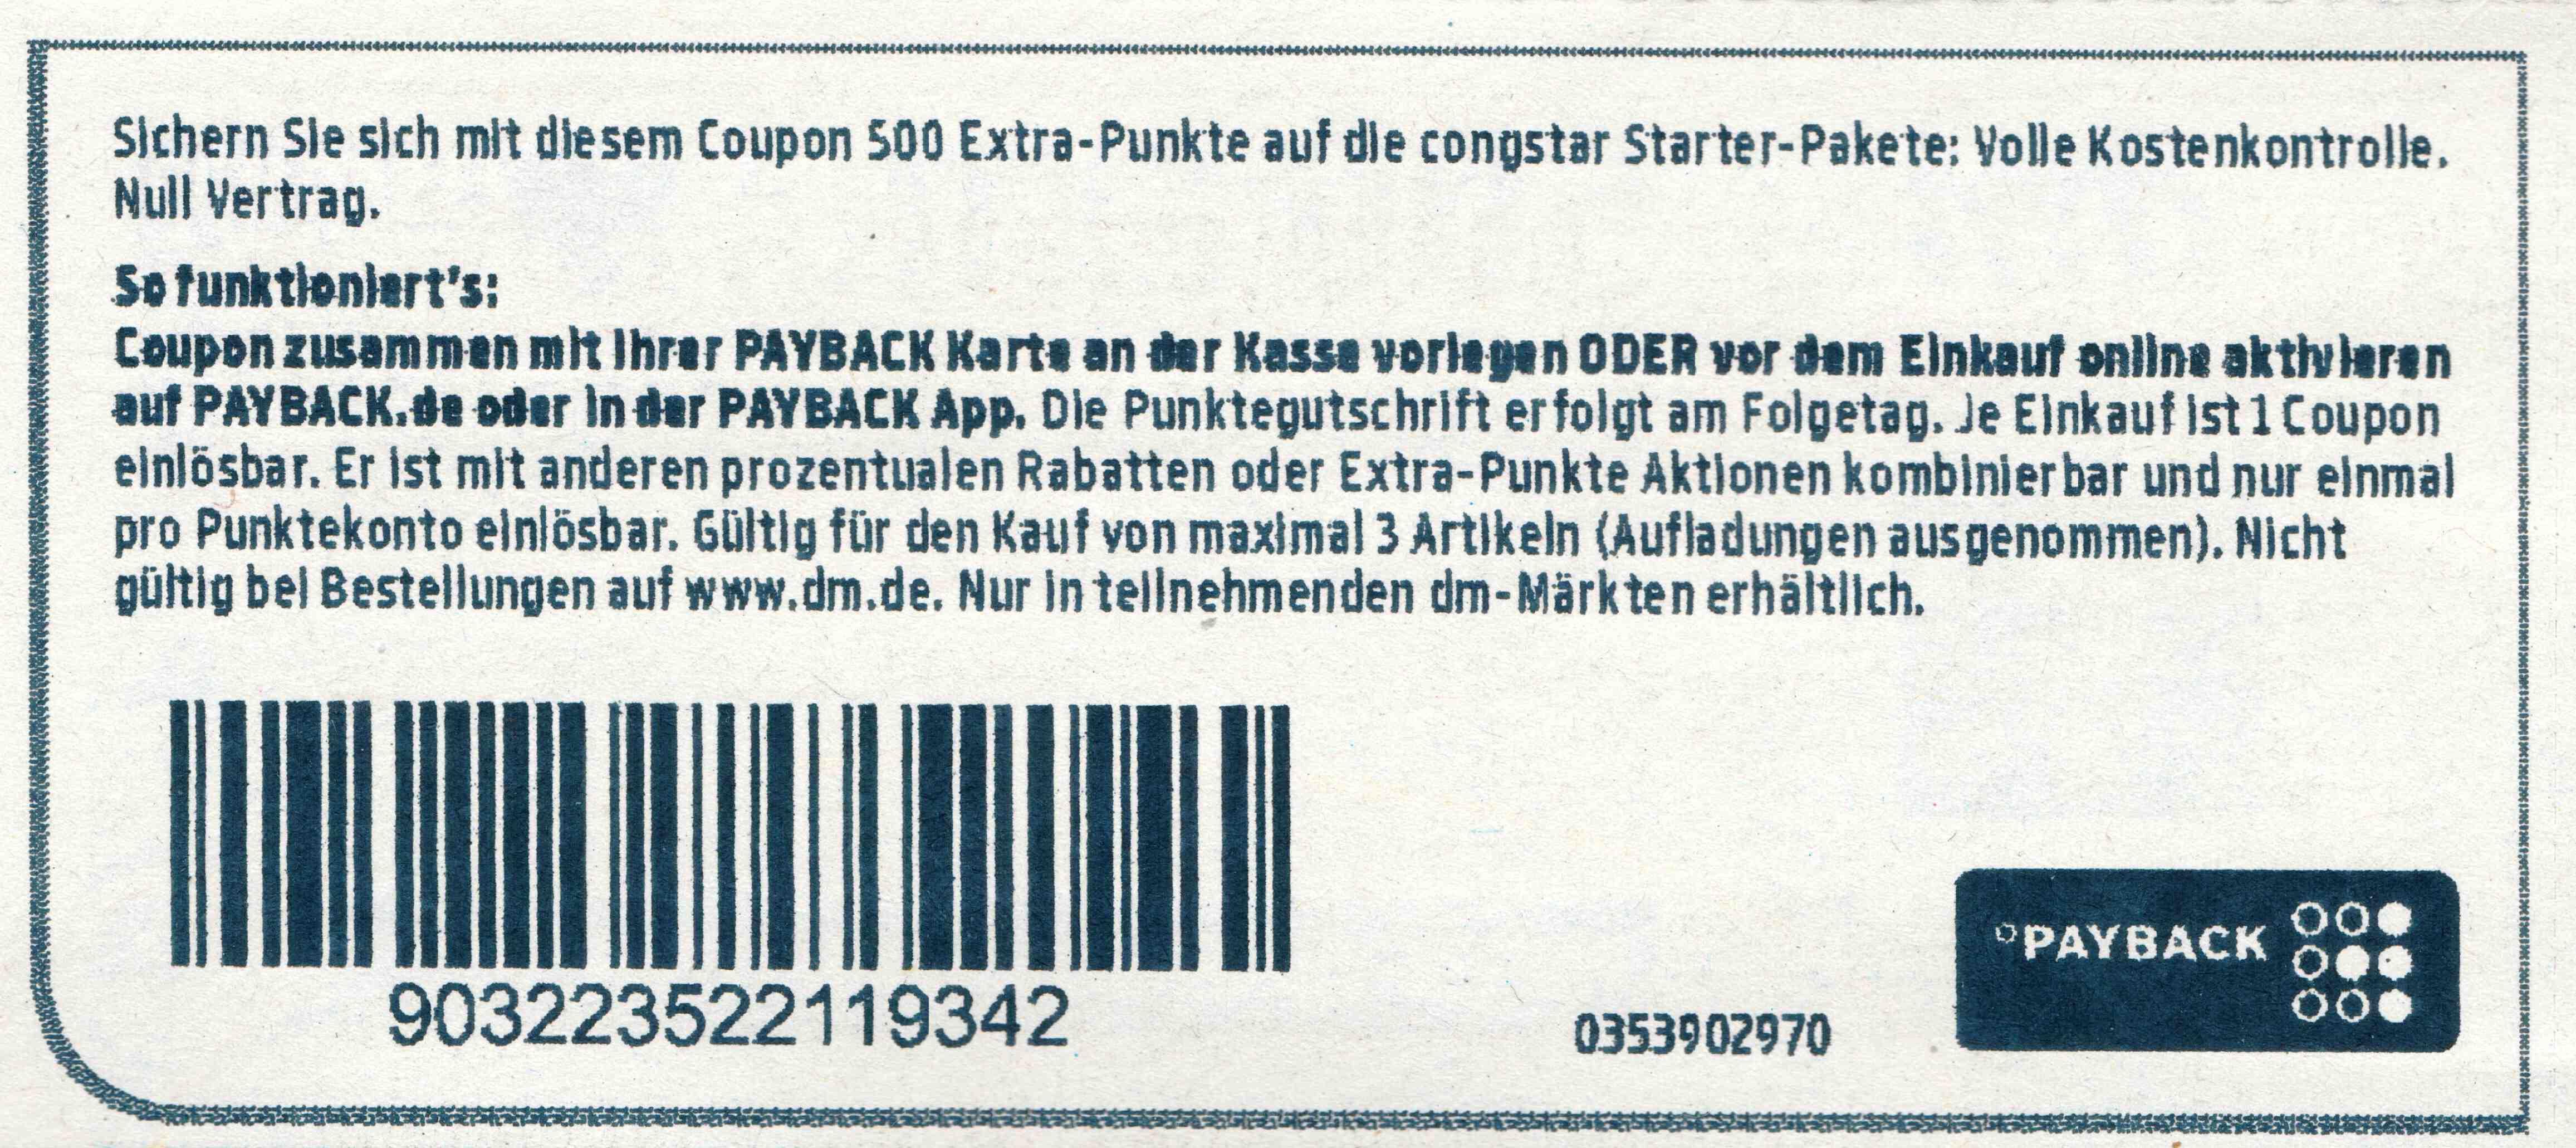 7508311-kUfA6